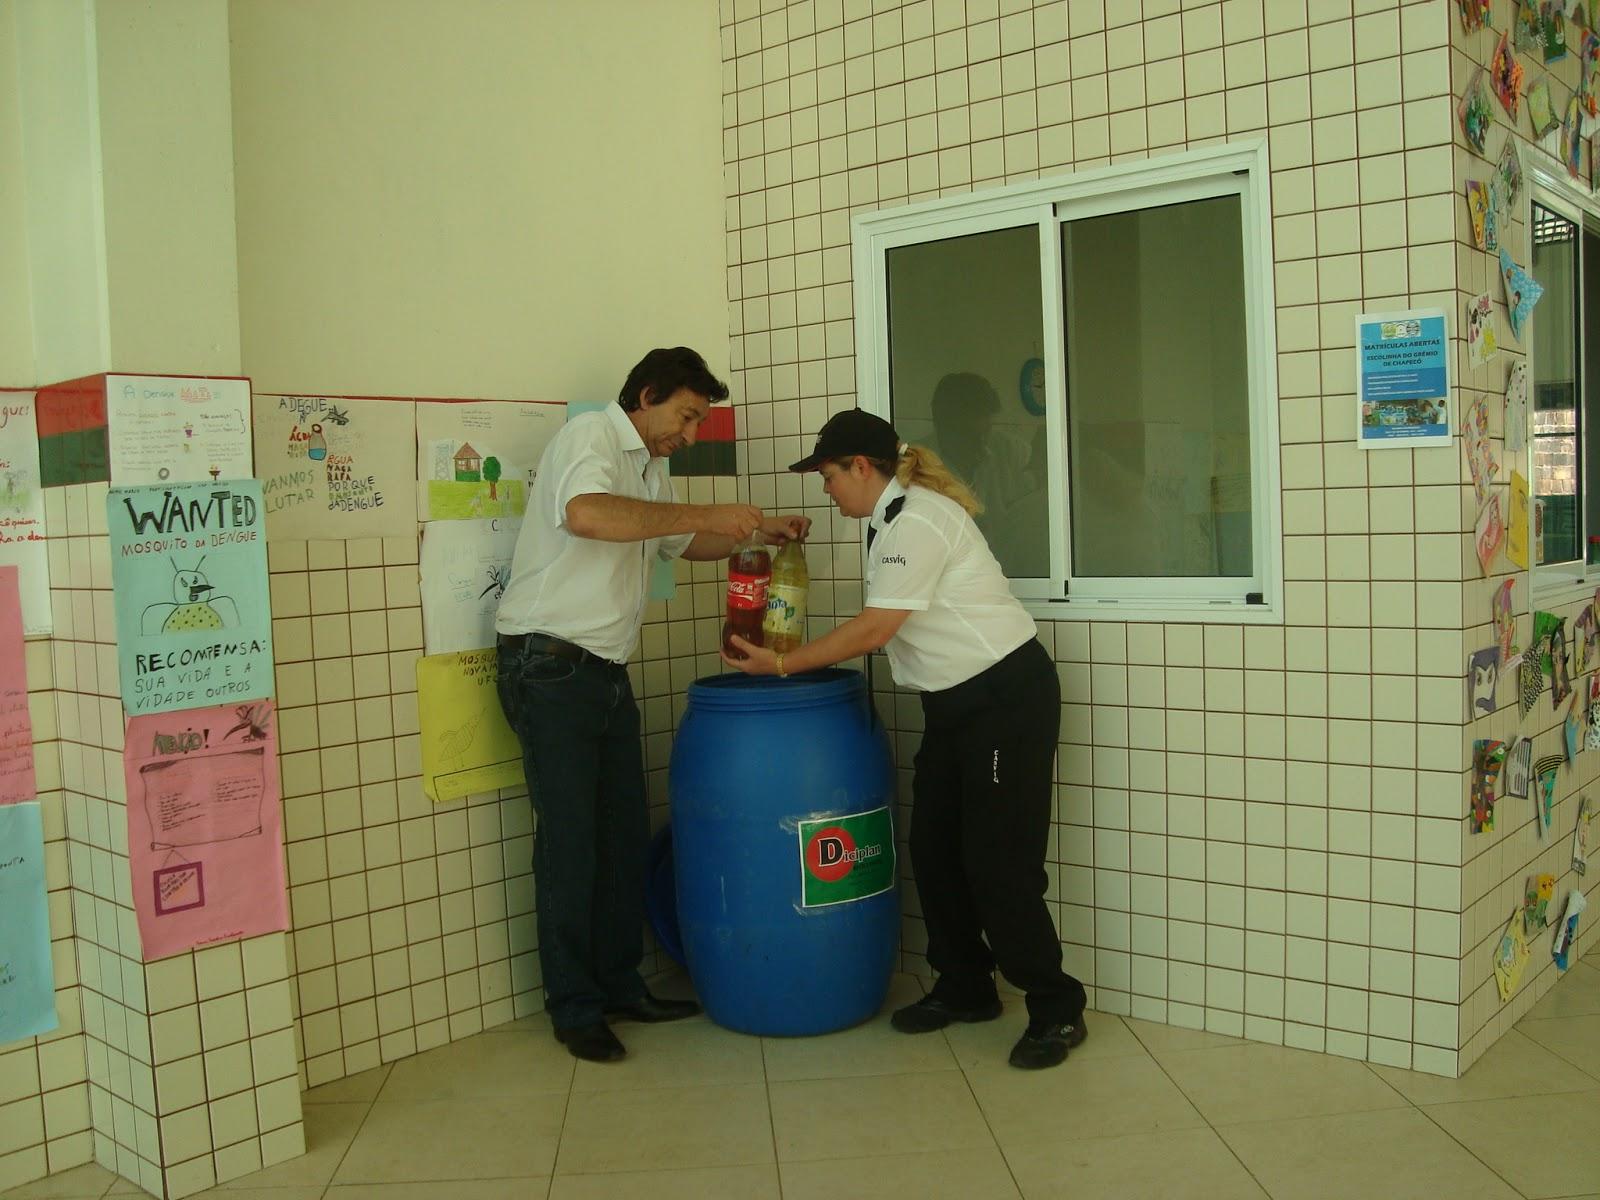 #104161 PROJETO ÓLEO DE COZINHA RECICLÁVEL ENSINO MÉDIO 1600x1200 px Projeto Cozinha Experimental Na Escola #2535 imagens